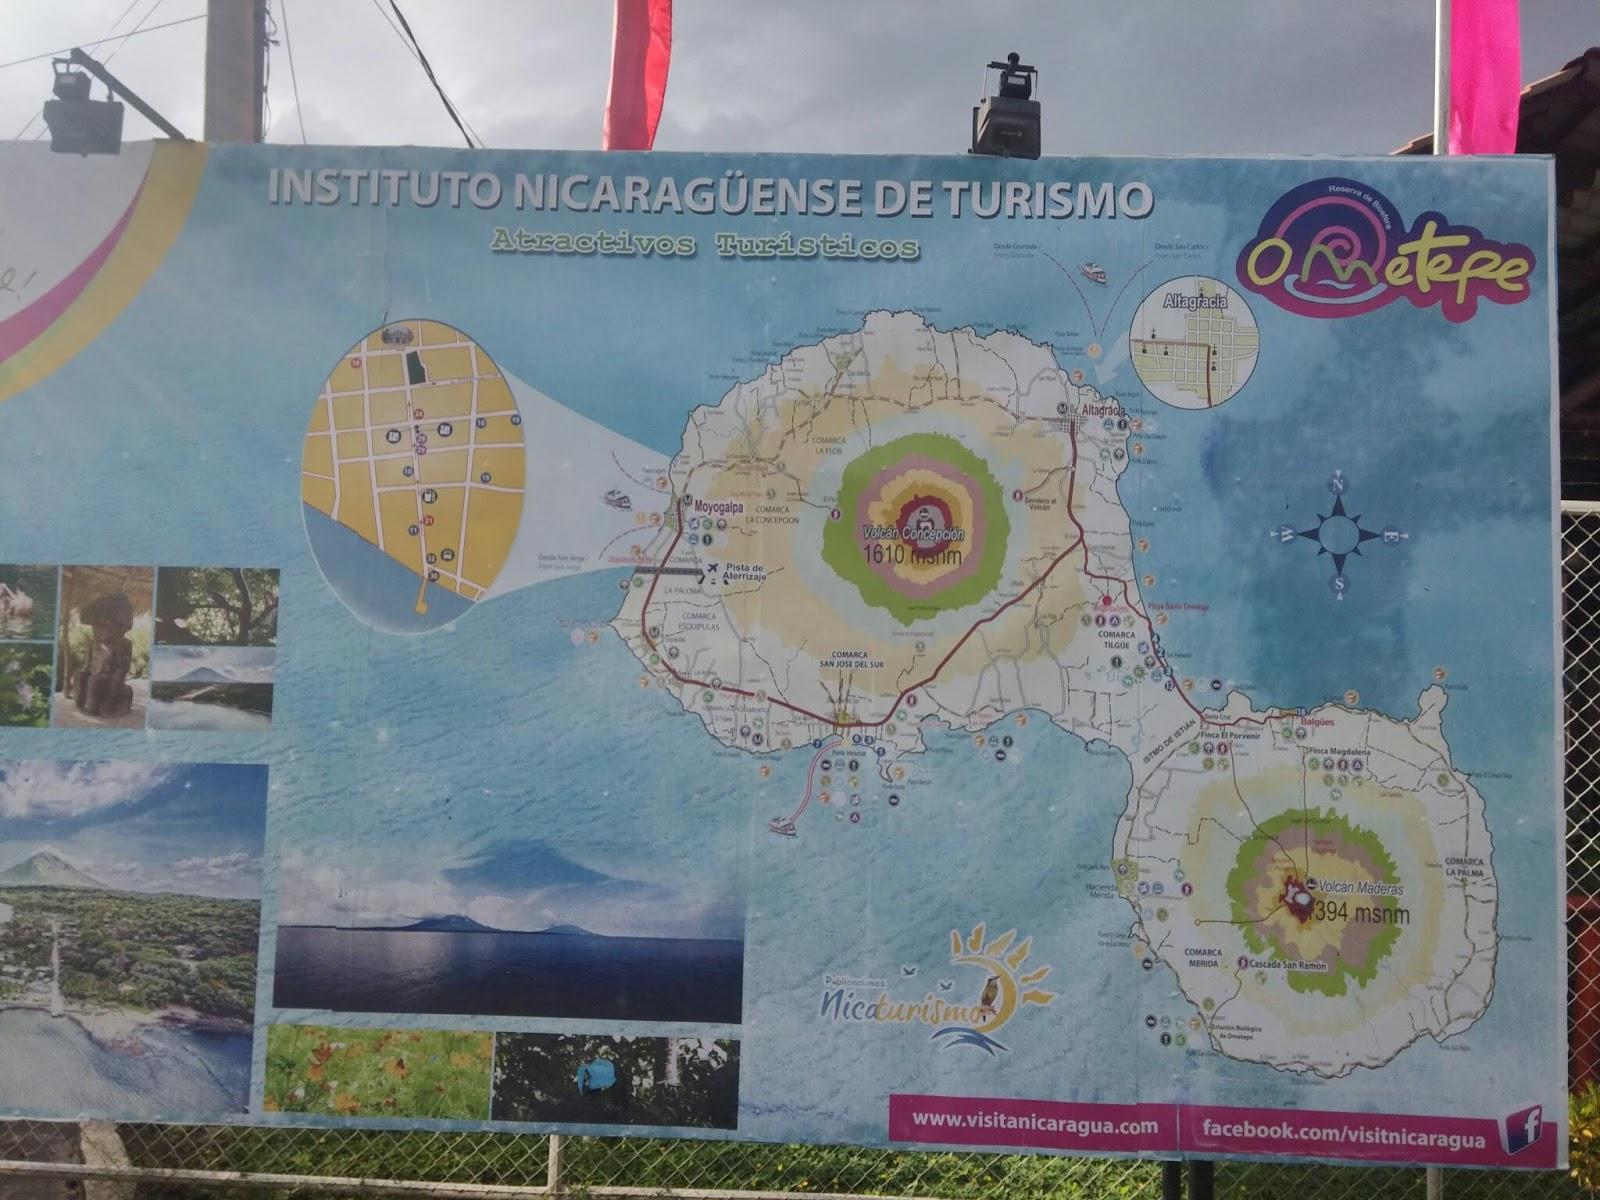 Vapaa Tyynenmeren saari dating sites